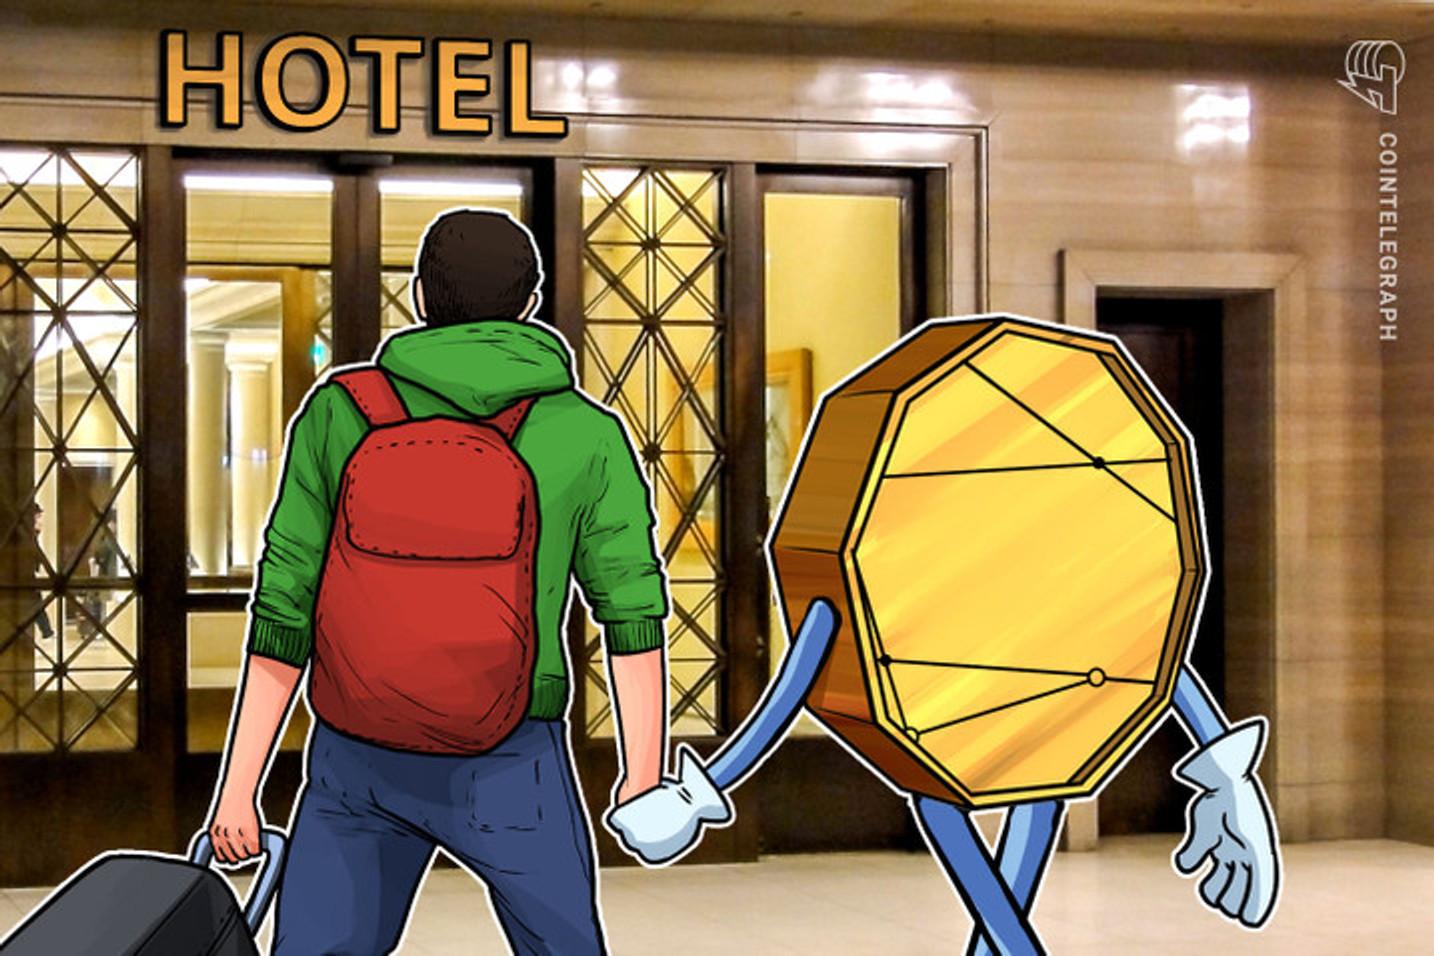 Criptan implementa el pago con criptomonedas en más de 2,000 hoteles